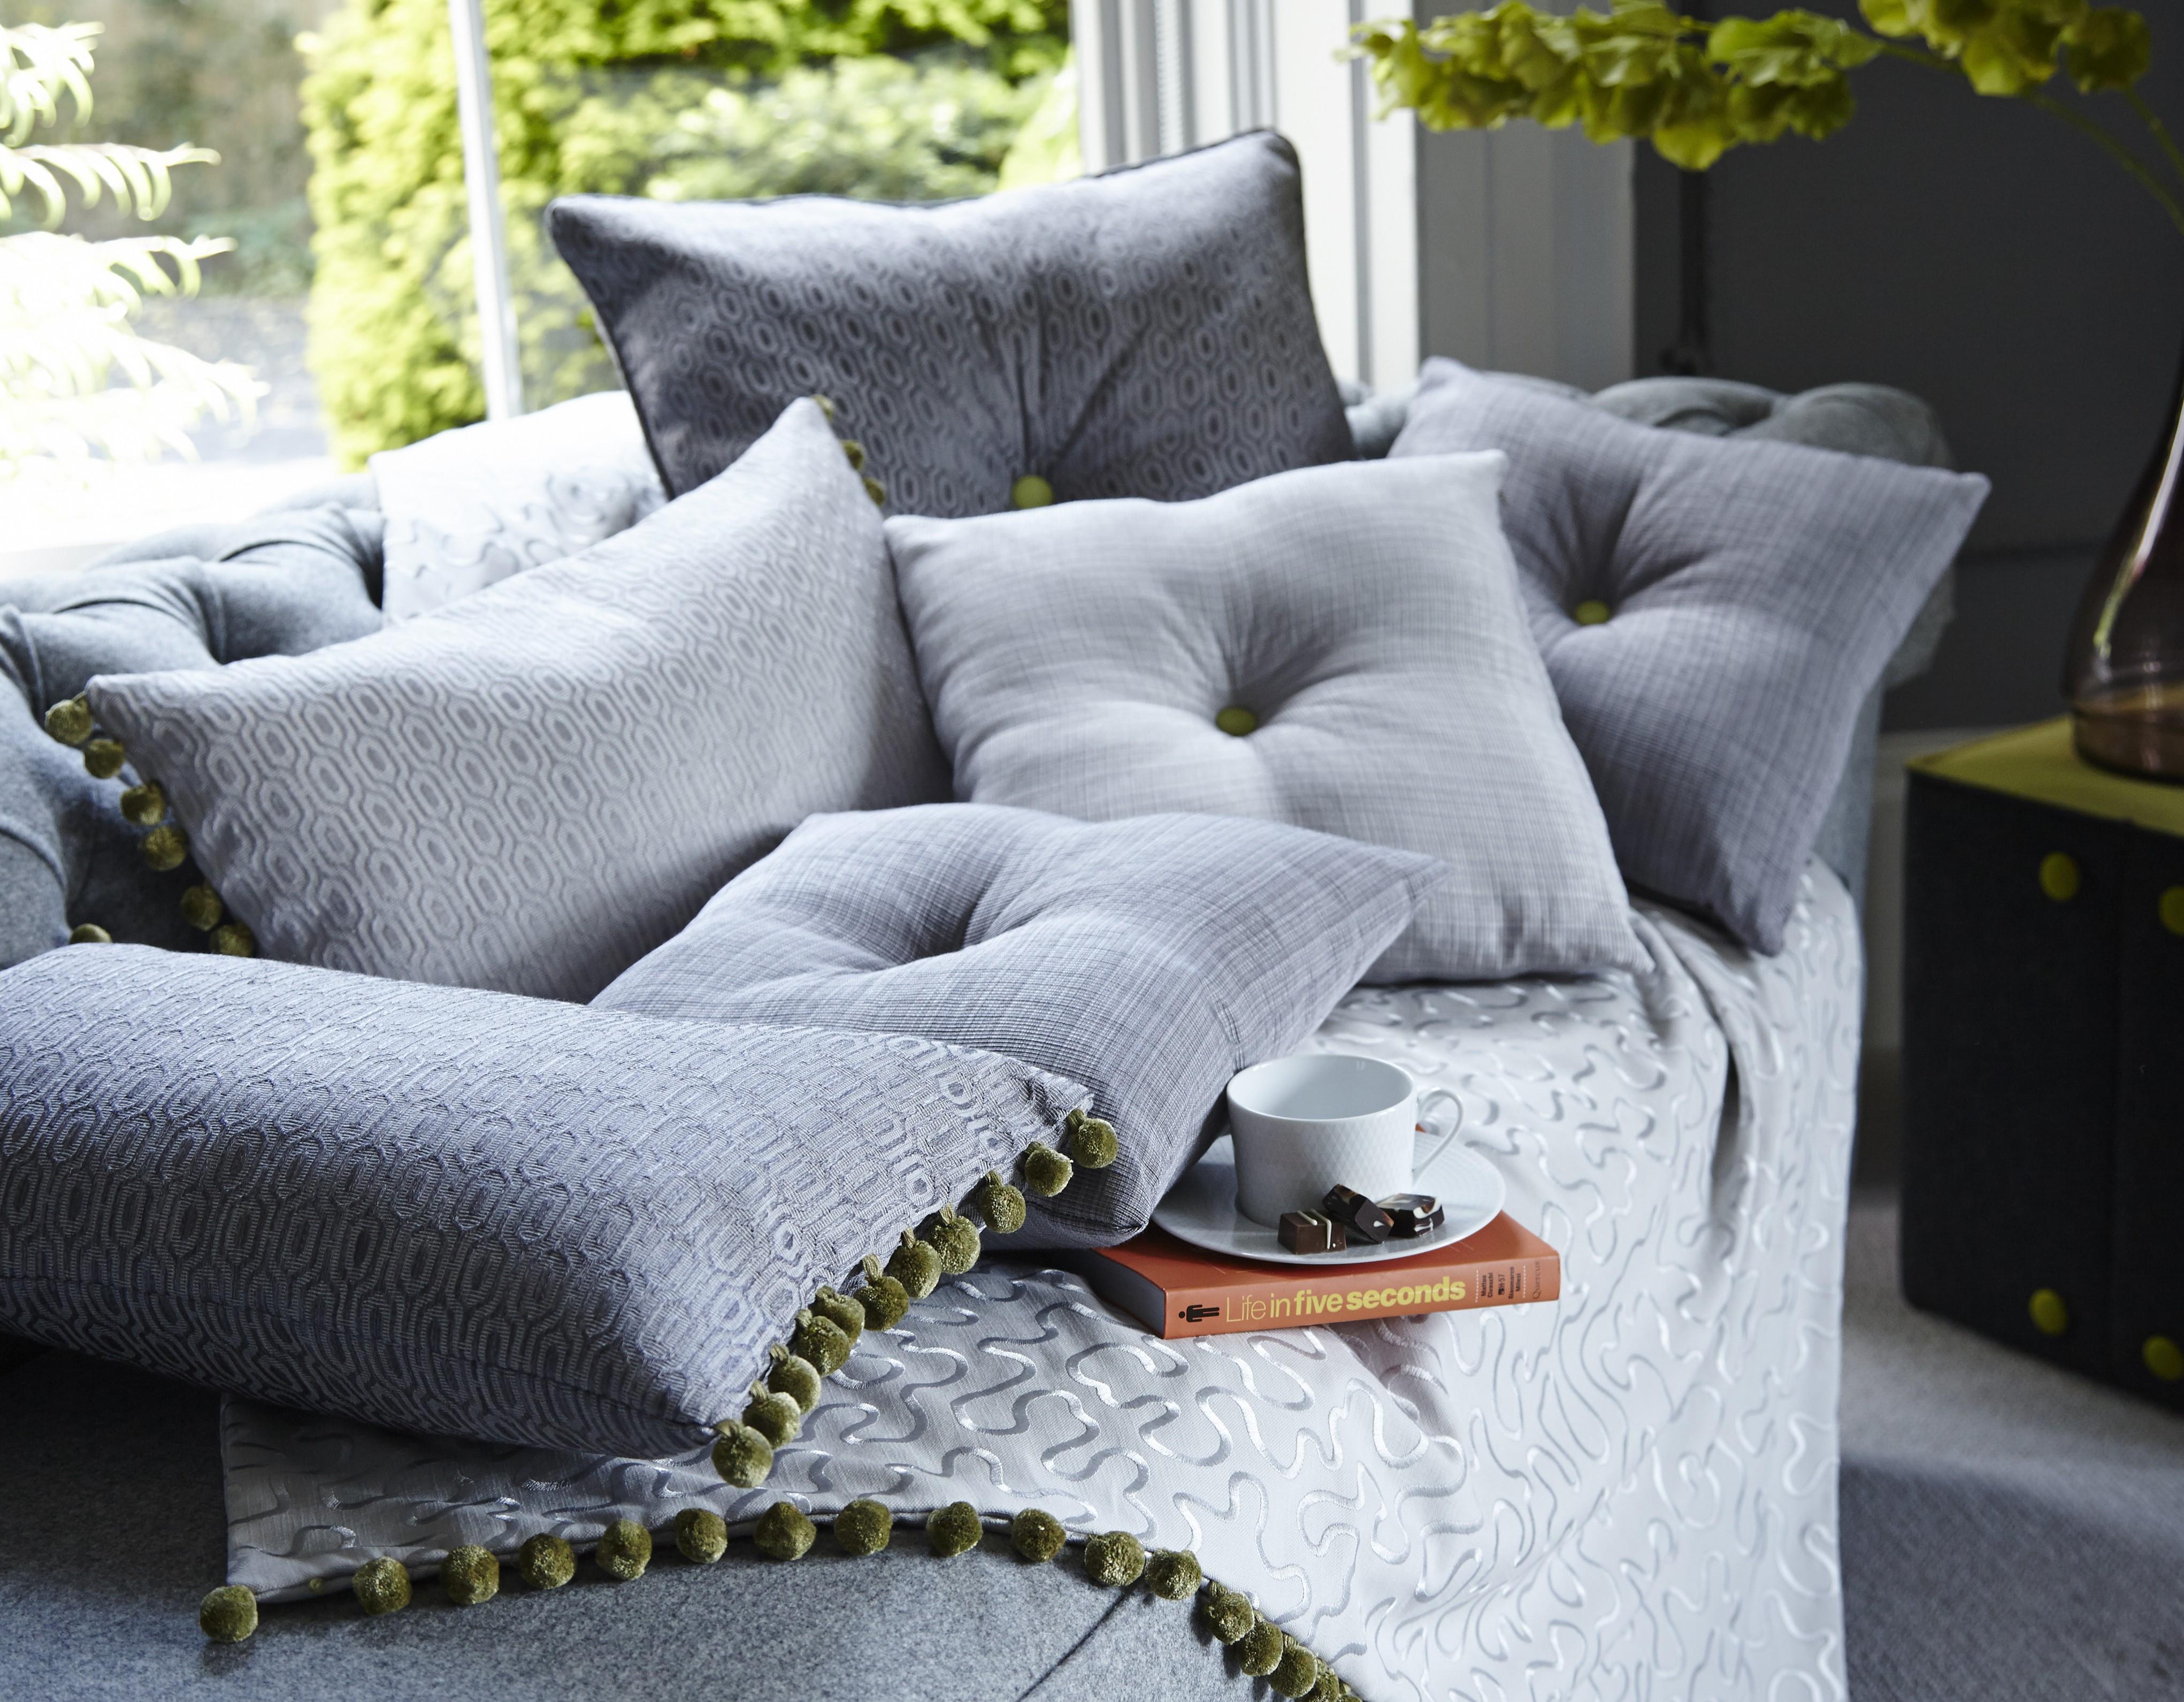 Ищите идеи на тему «диванные подушки» и сохраняйте их в pinterest. | посмотрите больше идей на темы поддоны, разделенные на секции, диван из палет и подушки для улицы.